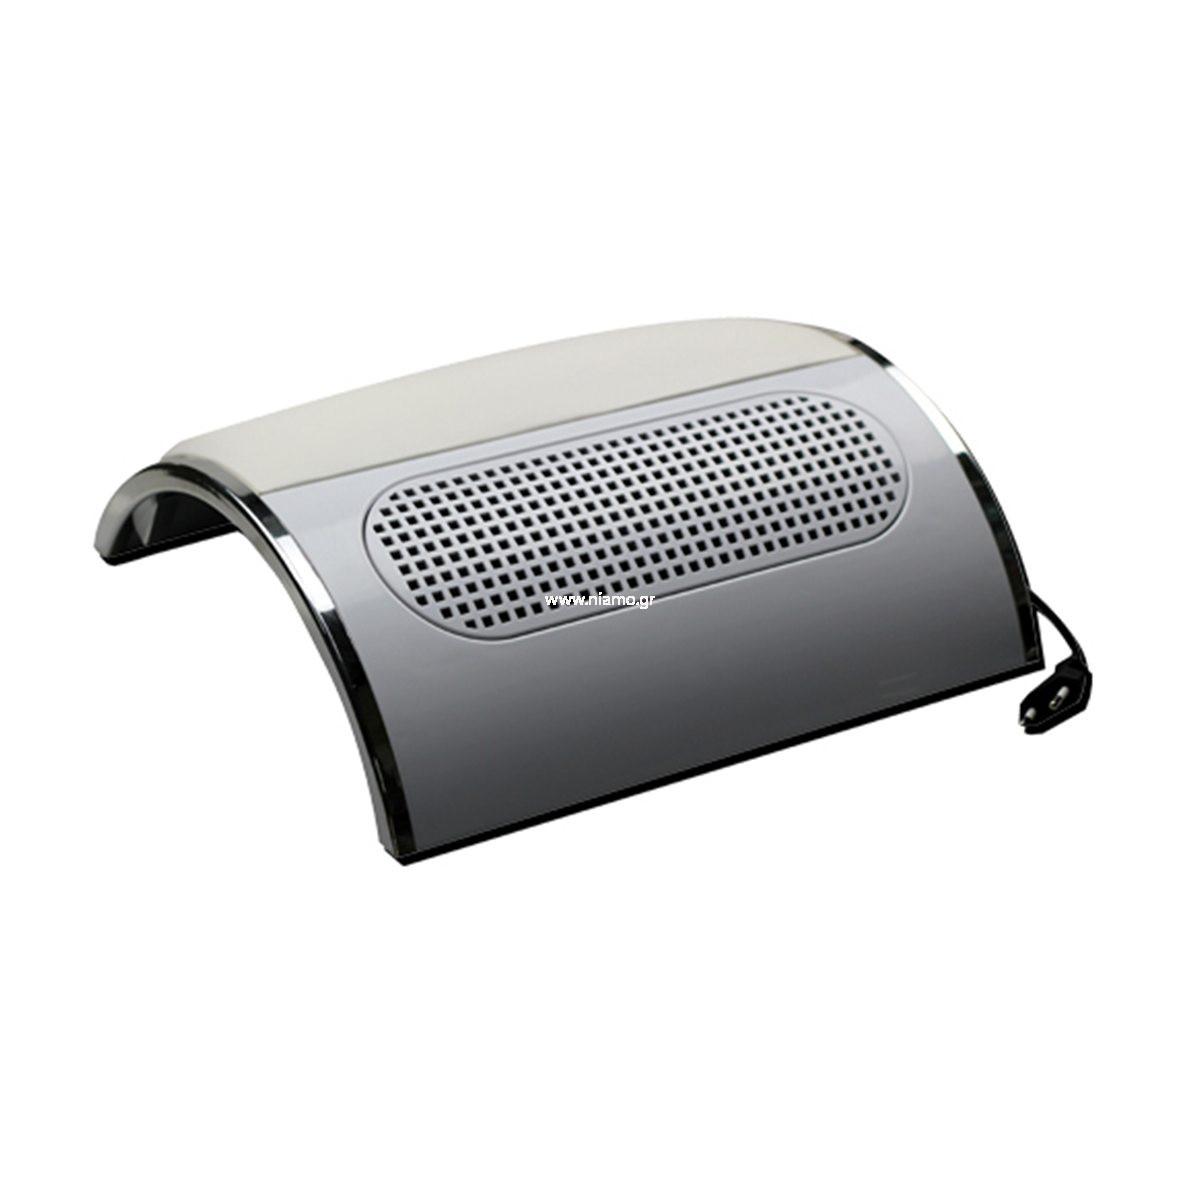 Απορροφητήρας Σκόνης Νυχιών Τριπλός 40Watt